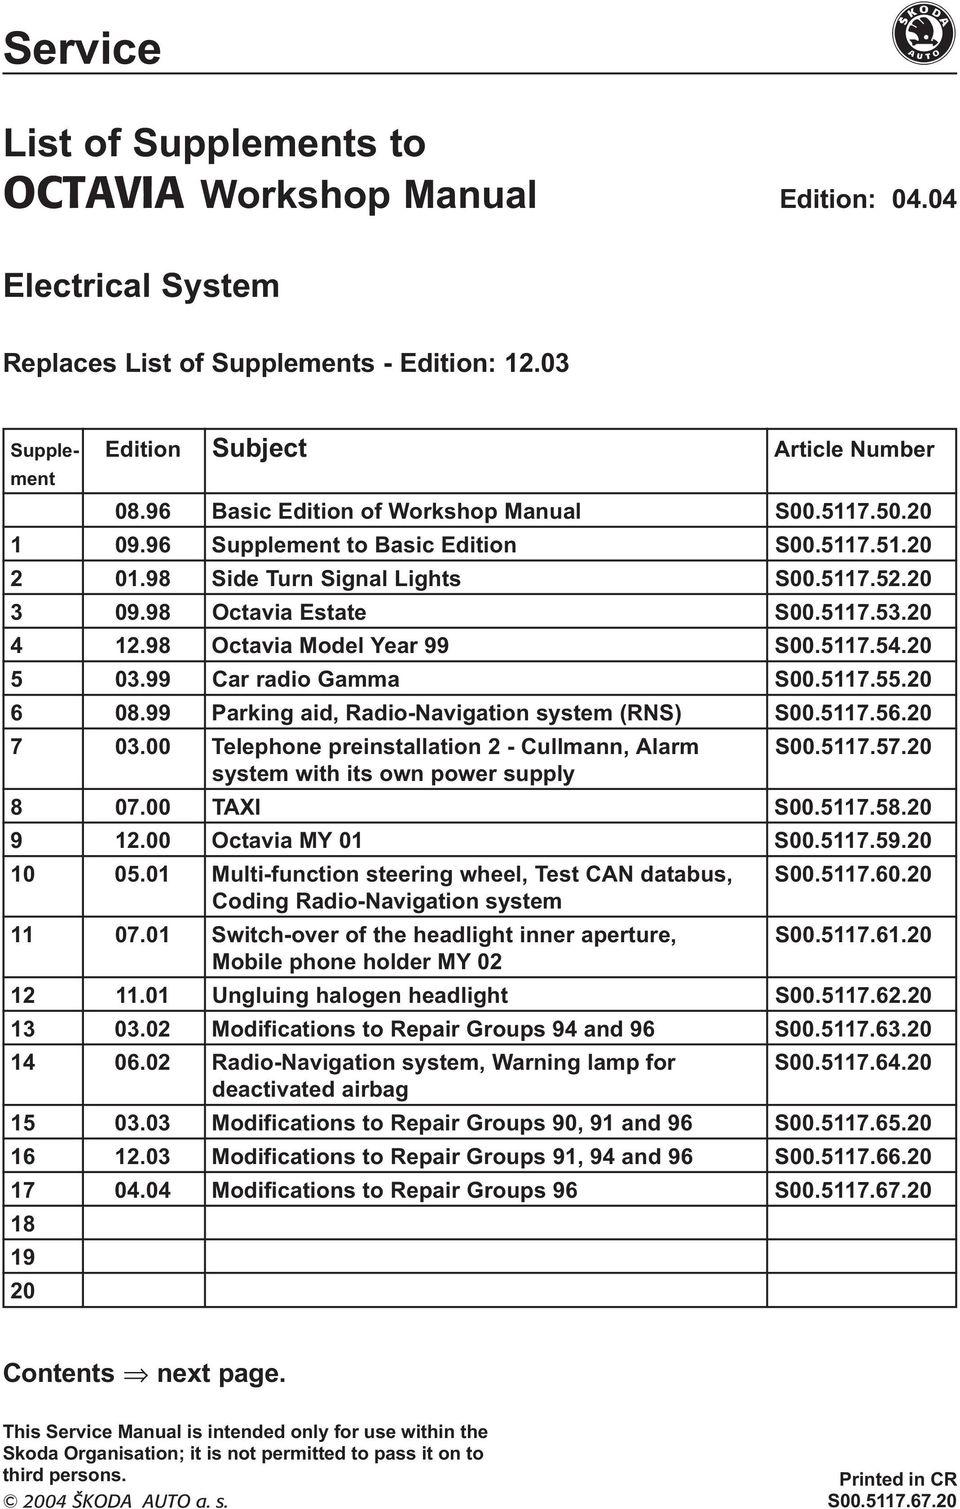 clarion duz385sat wire harness diagram wiring schematic diagramclarion duz385sat wire harness diagram wiring diagram online wire harness tape clarion duz385sat wire harness diagram